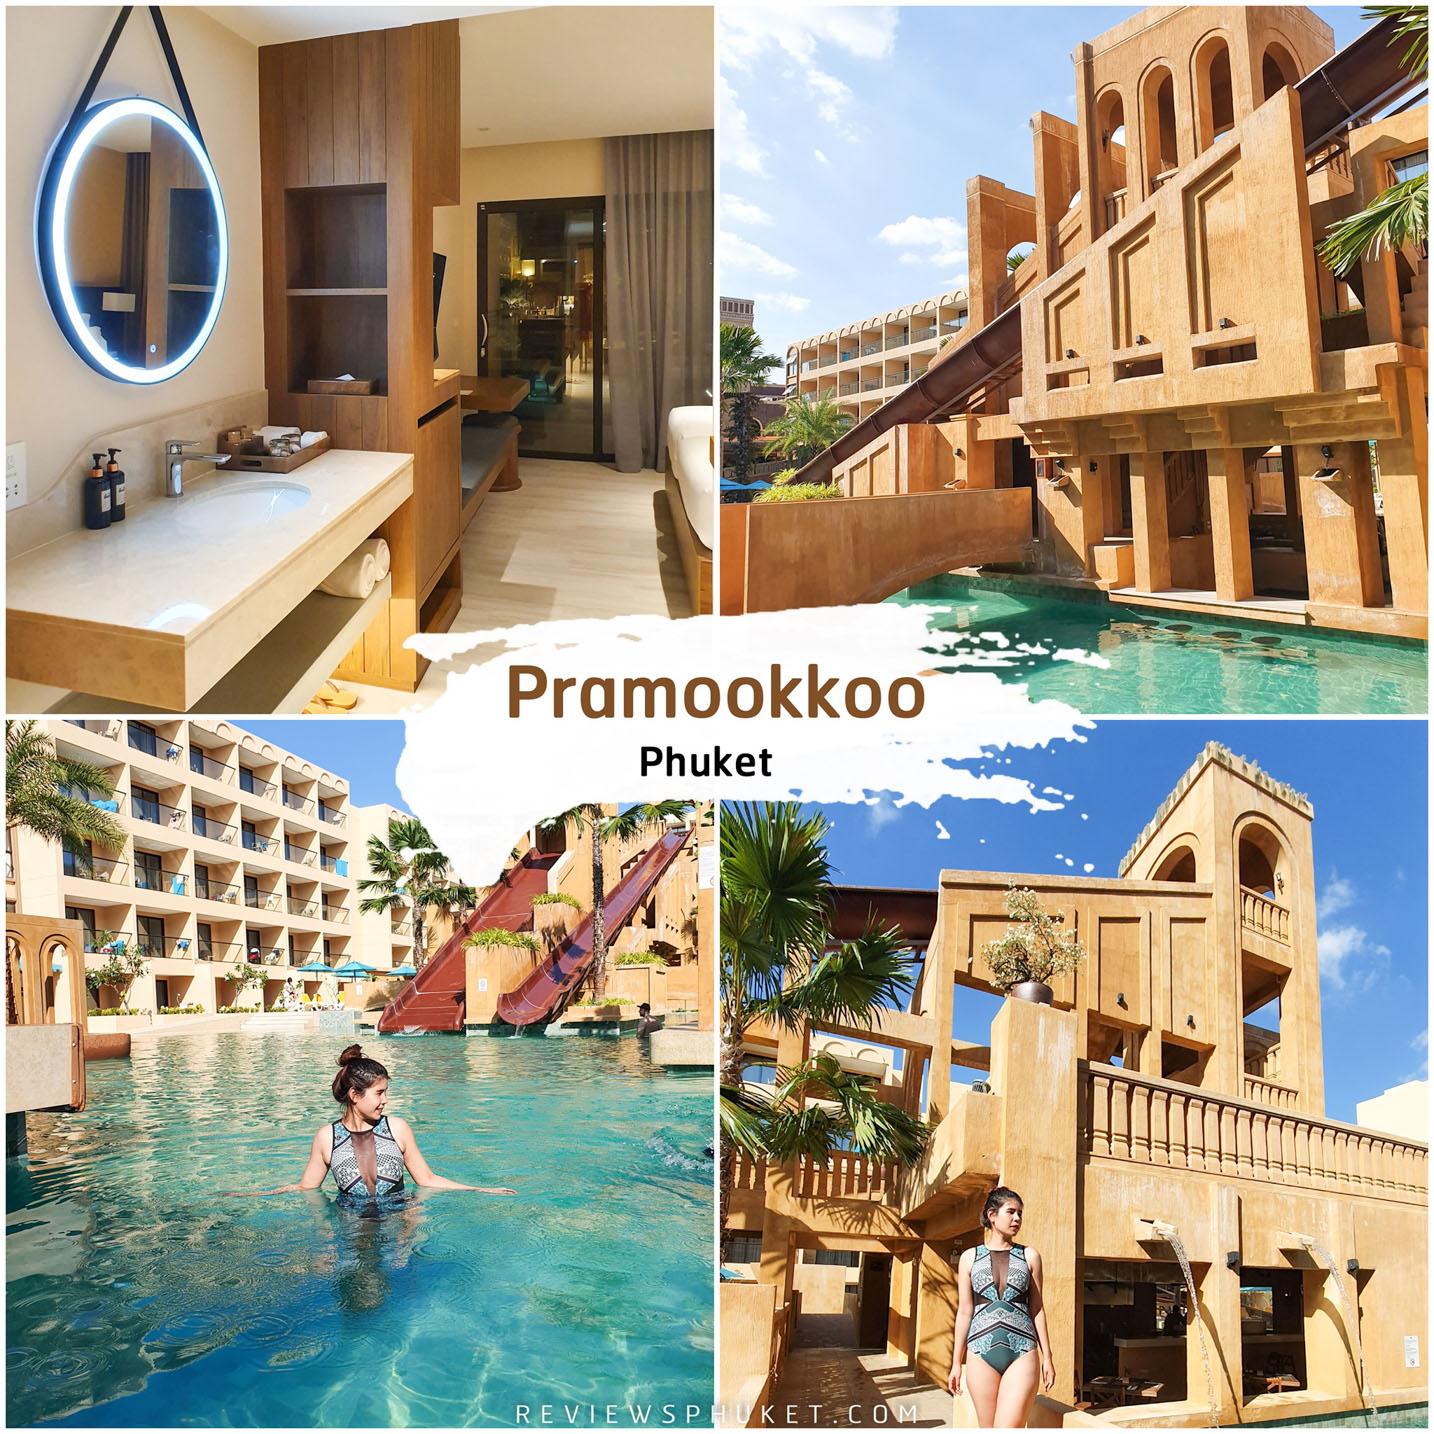 Pramookkoo-Phuket -โรงแรม-ประมุกโก้-รีสอร์ท-รีสอร์ทสุดสวยออกแบบสไตล์เมโสโปเตเมีย-มีสวนน้ำ-สวนสนุกอยู่กลางโรงแรมโดยมีห้องพักล้อมรอบ-ตั้งอยู่บนถนนเลียบหาดกะตะ-มีห้องพักมากถึง-500-ห้อง  ที่พักภูเก็ต,ที่พักหรู,วิวหลักล้าน,ริมทะเล,โรงแรม,รีสอร์ท,Phuket,หาดสวย,น้ำใส